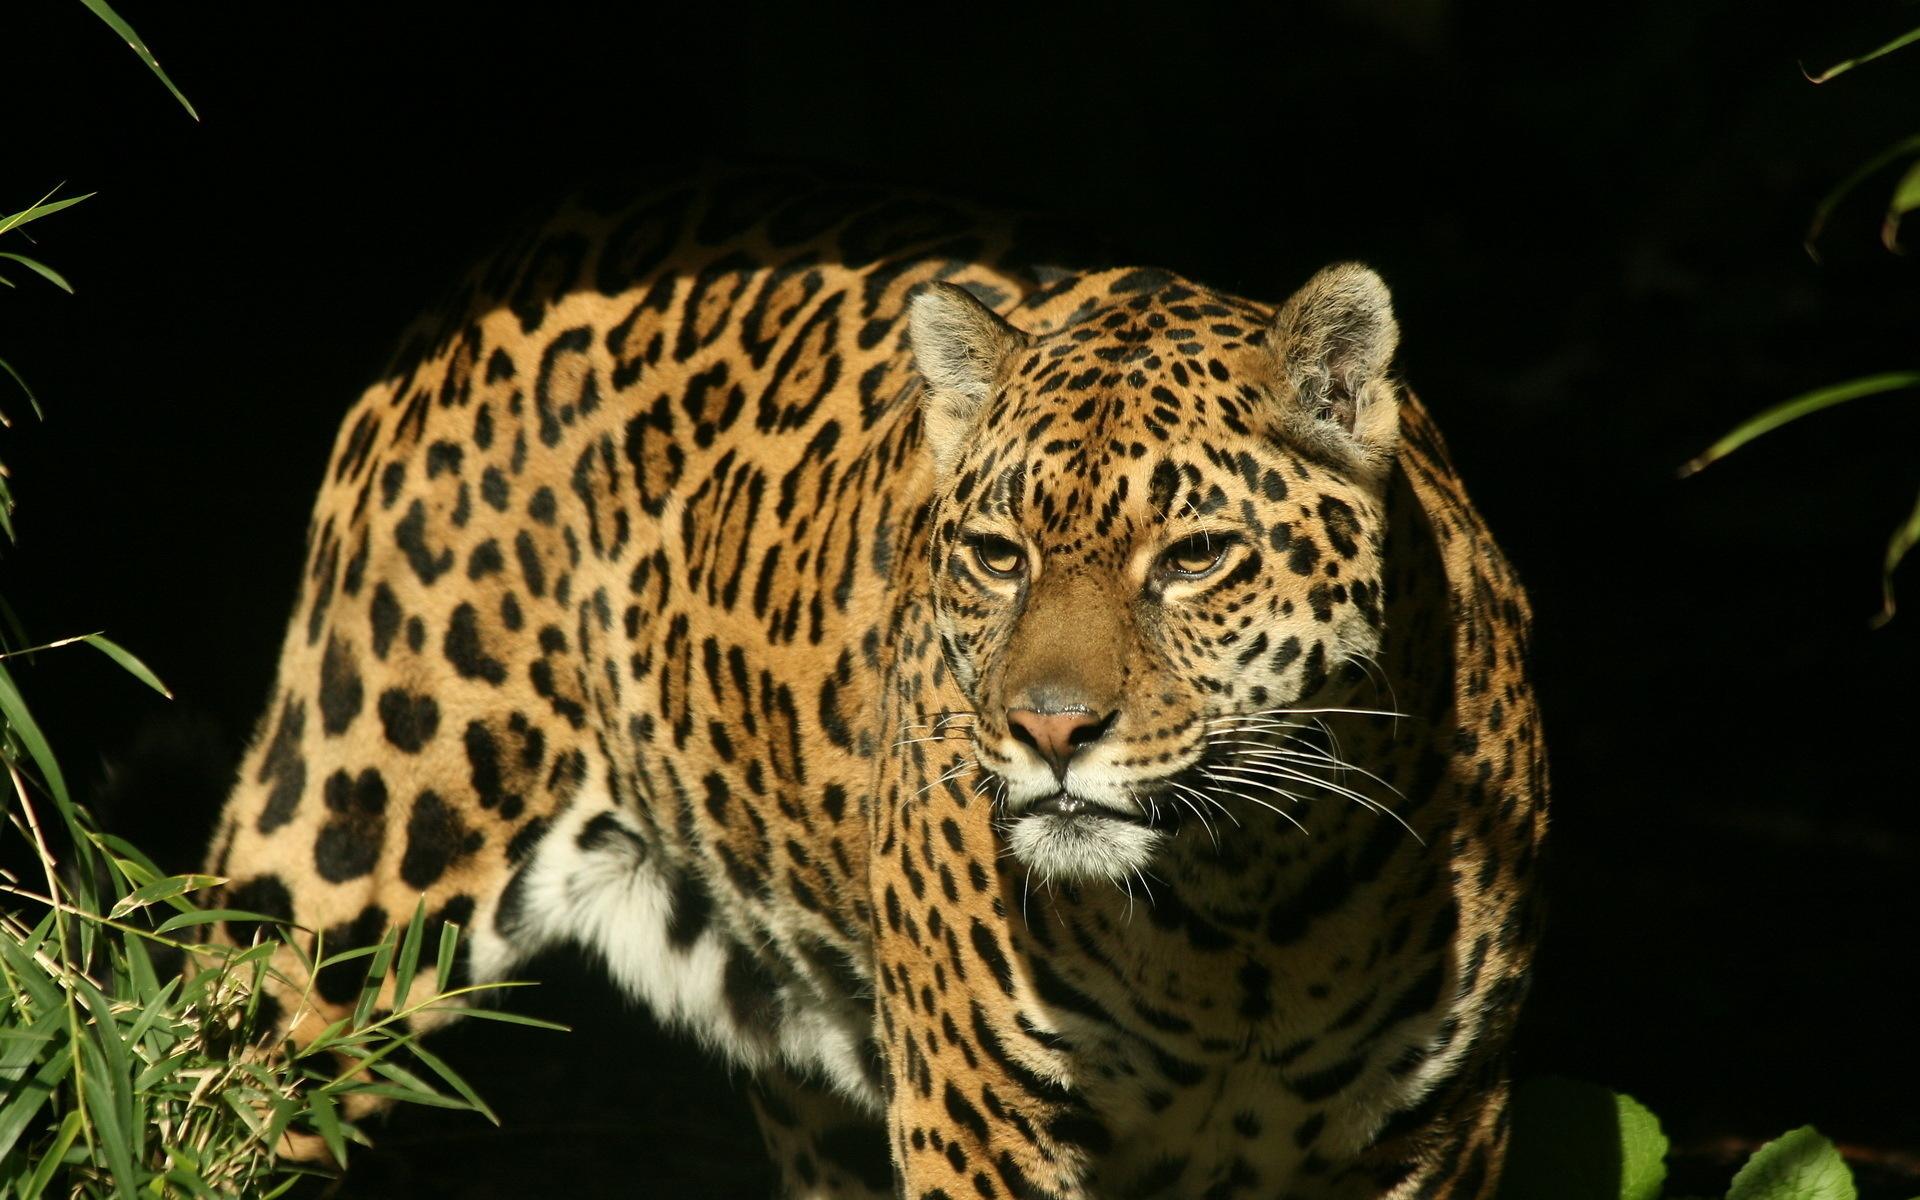 Animals Jaguars Wallpapers Hd Desktop And Mobile: Jaguar Wallpaper Animal